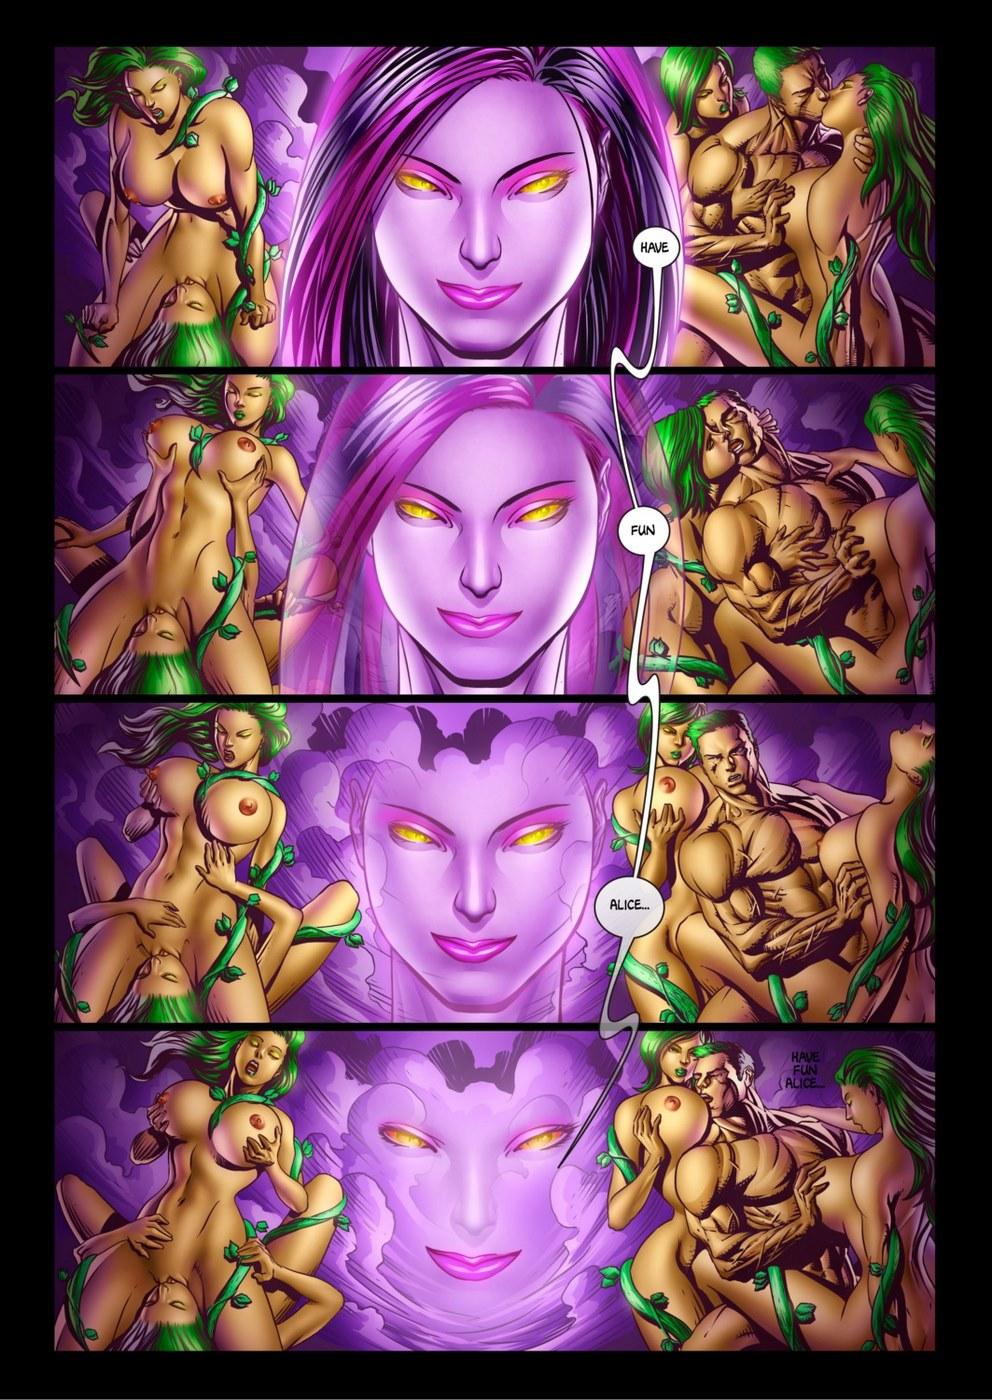 Alicia En El Pais De Las Maravillas Anime Porno zzz alicia va el país de las maravillas 2 en x sexo comics